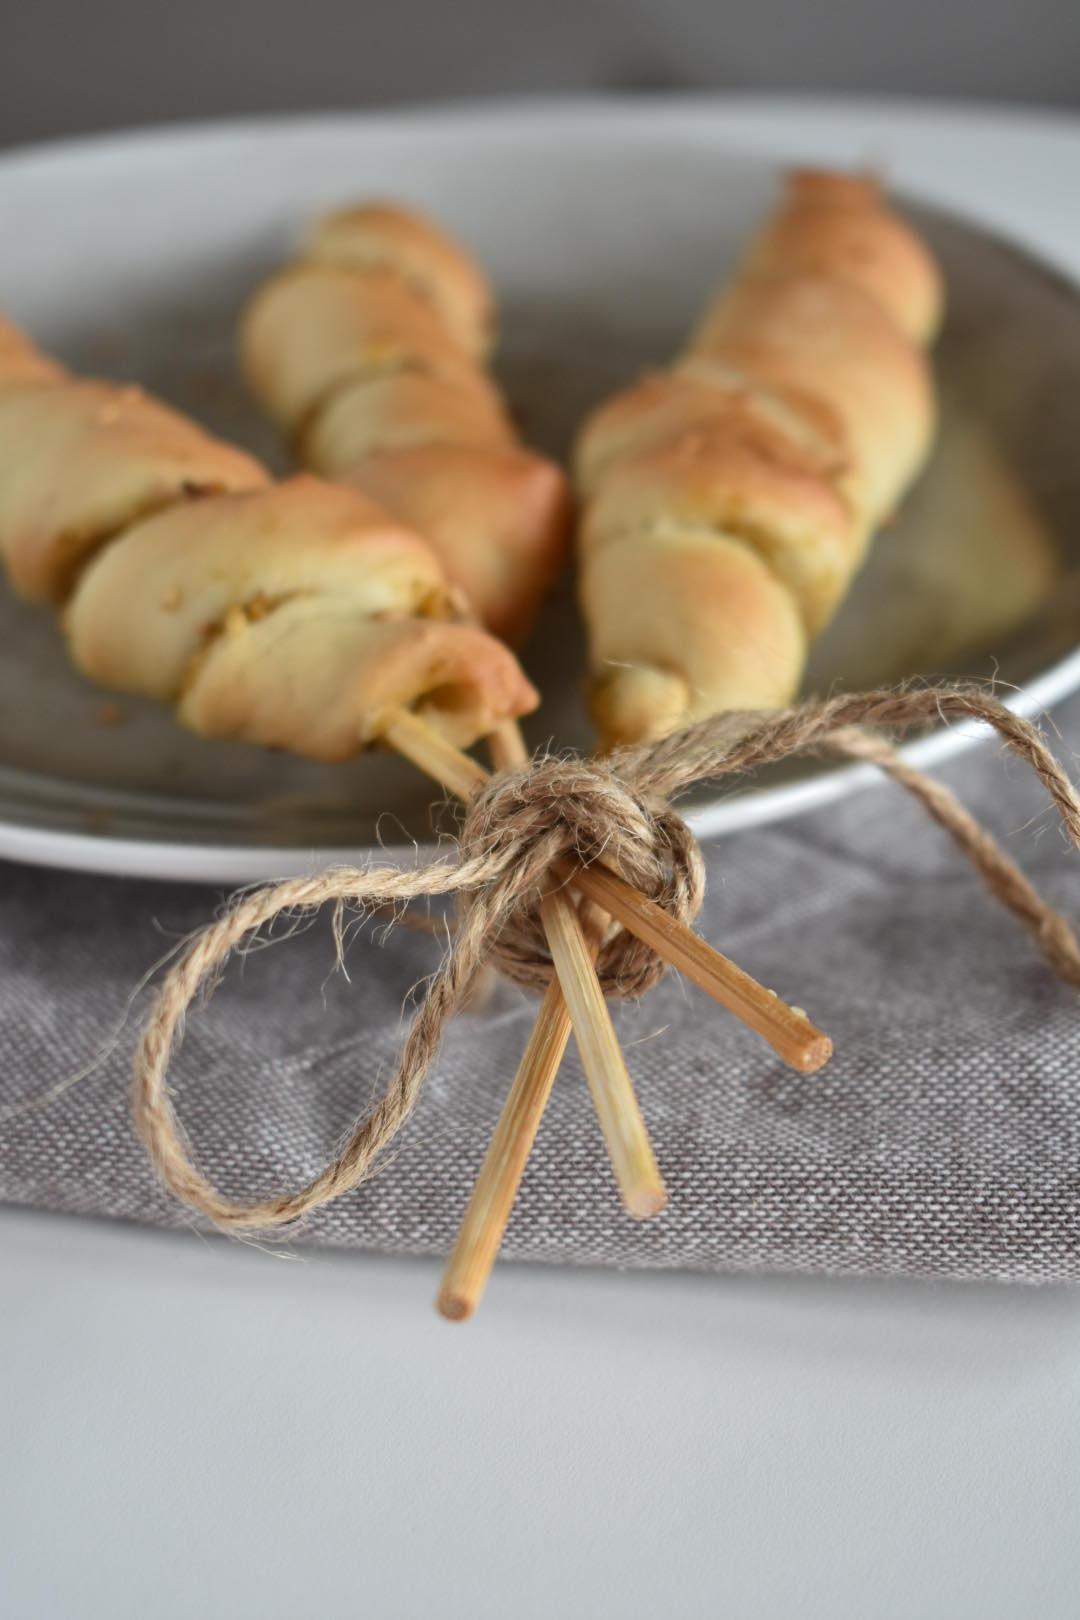 torciglioni di pizza con crema di olive e nocciole